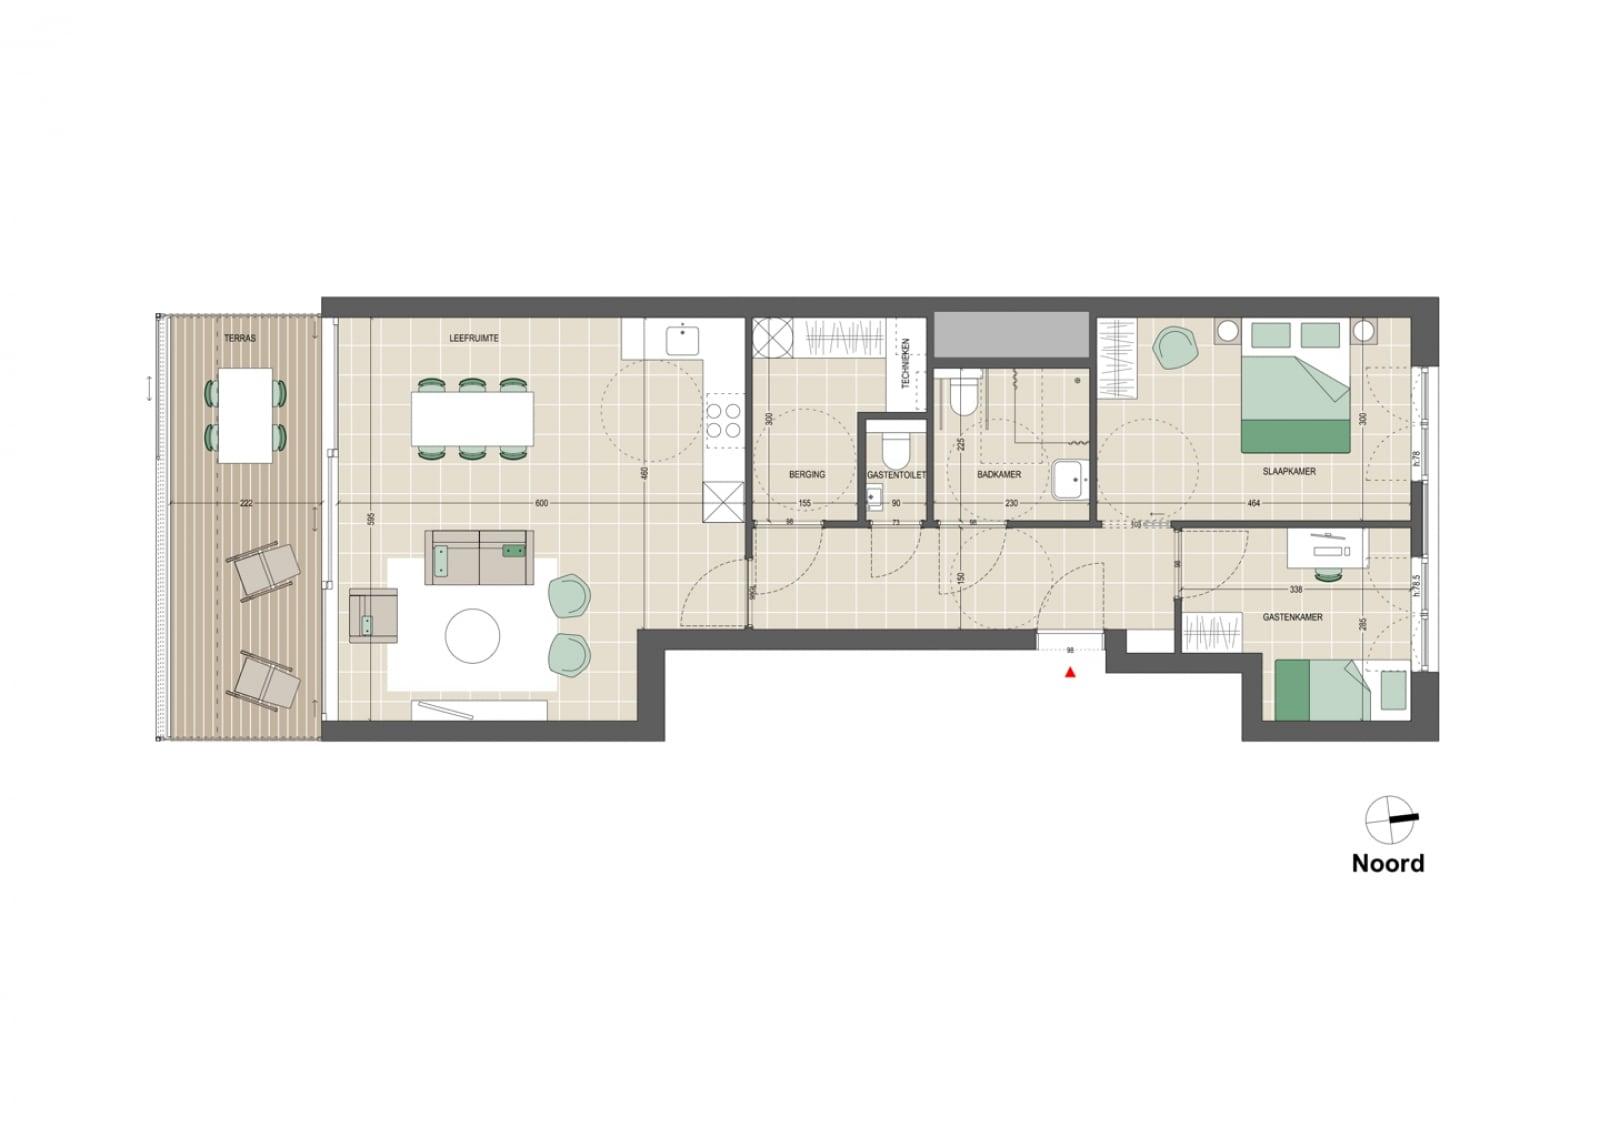 Appartement 2 slaapkamers